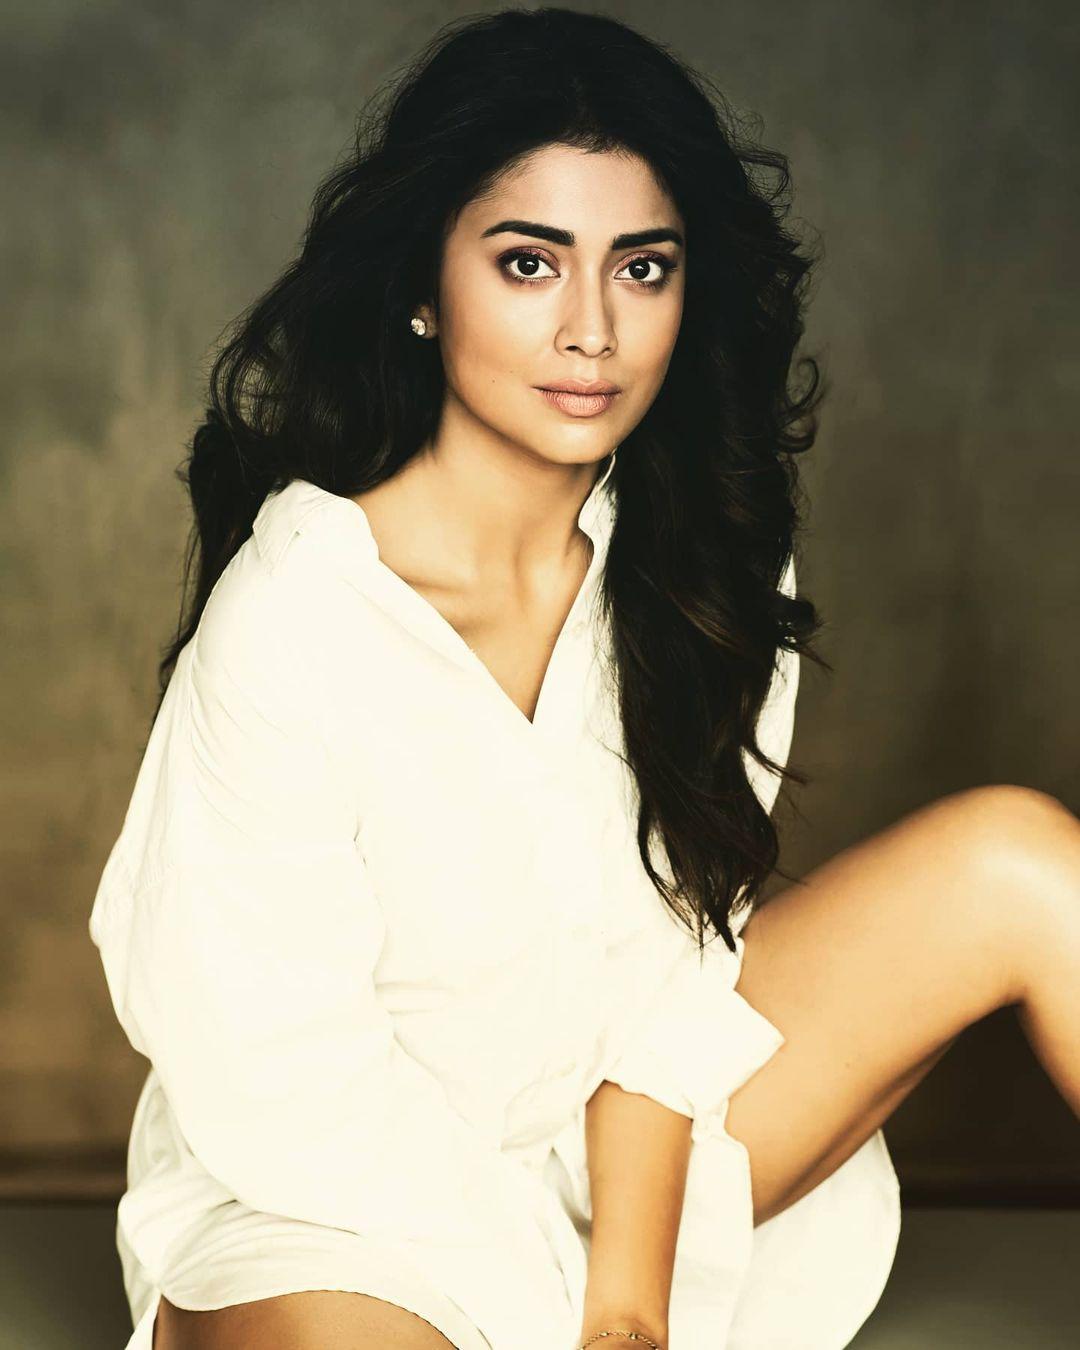 நடிகை ஸ்ரேயா தமிழ் சினிமாவில் 'எனக்கு 20 உனக்கு 18'படத்தின் மூலம் அறிமுகமானார்.